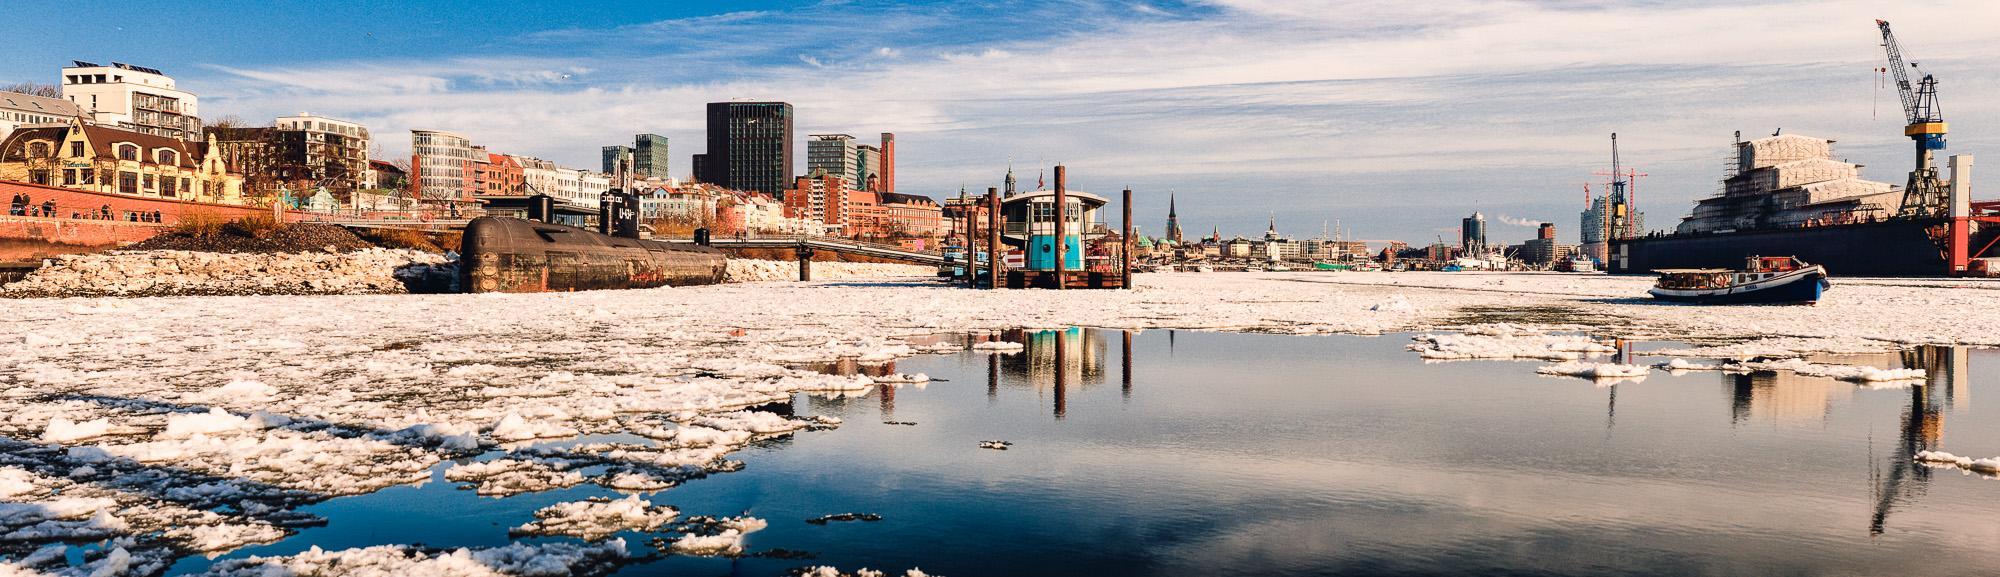 Hamburger Hafen an einem frühlingshaften Wintertag